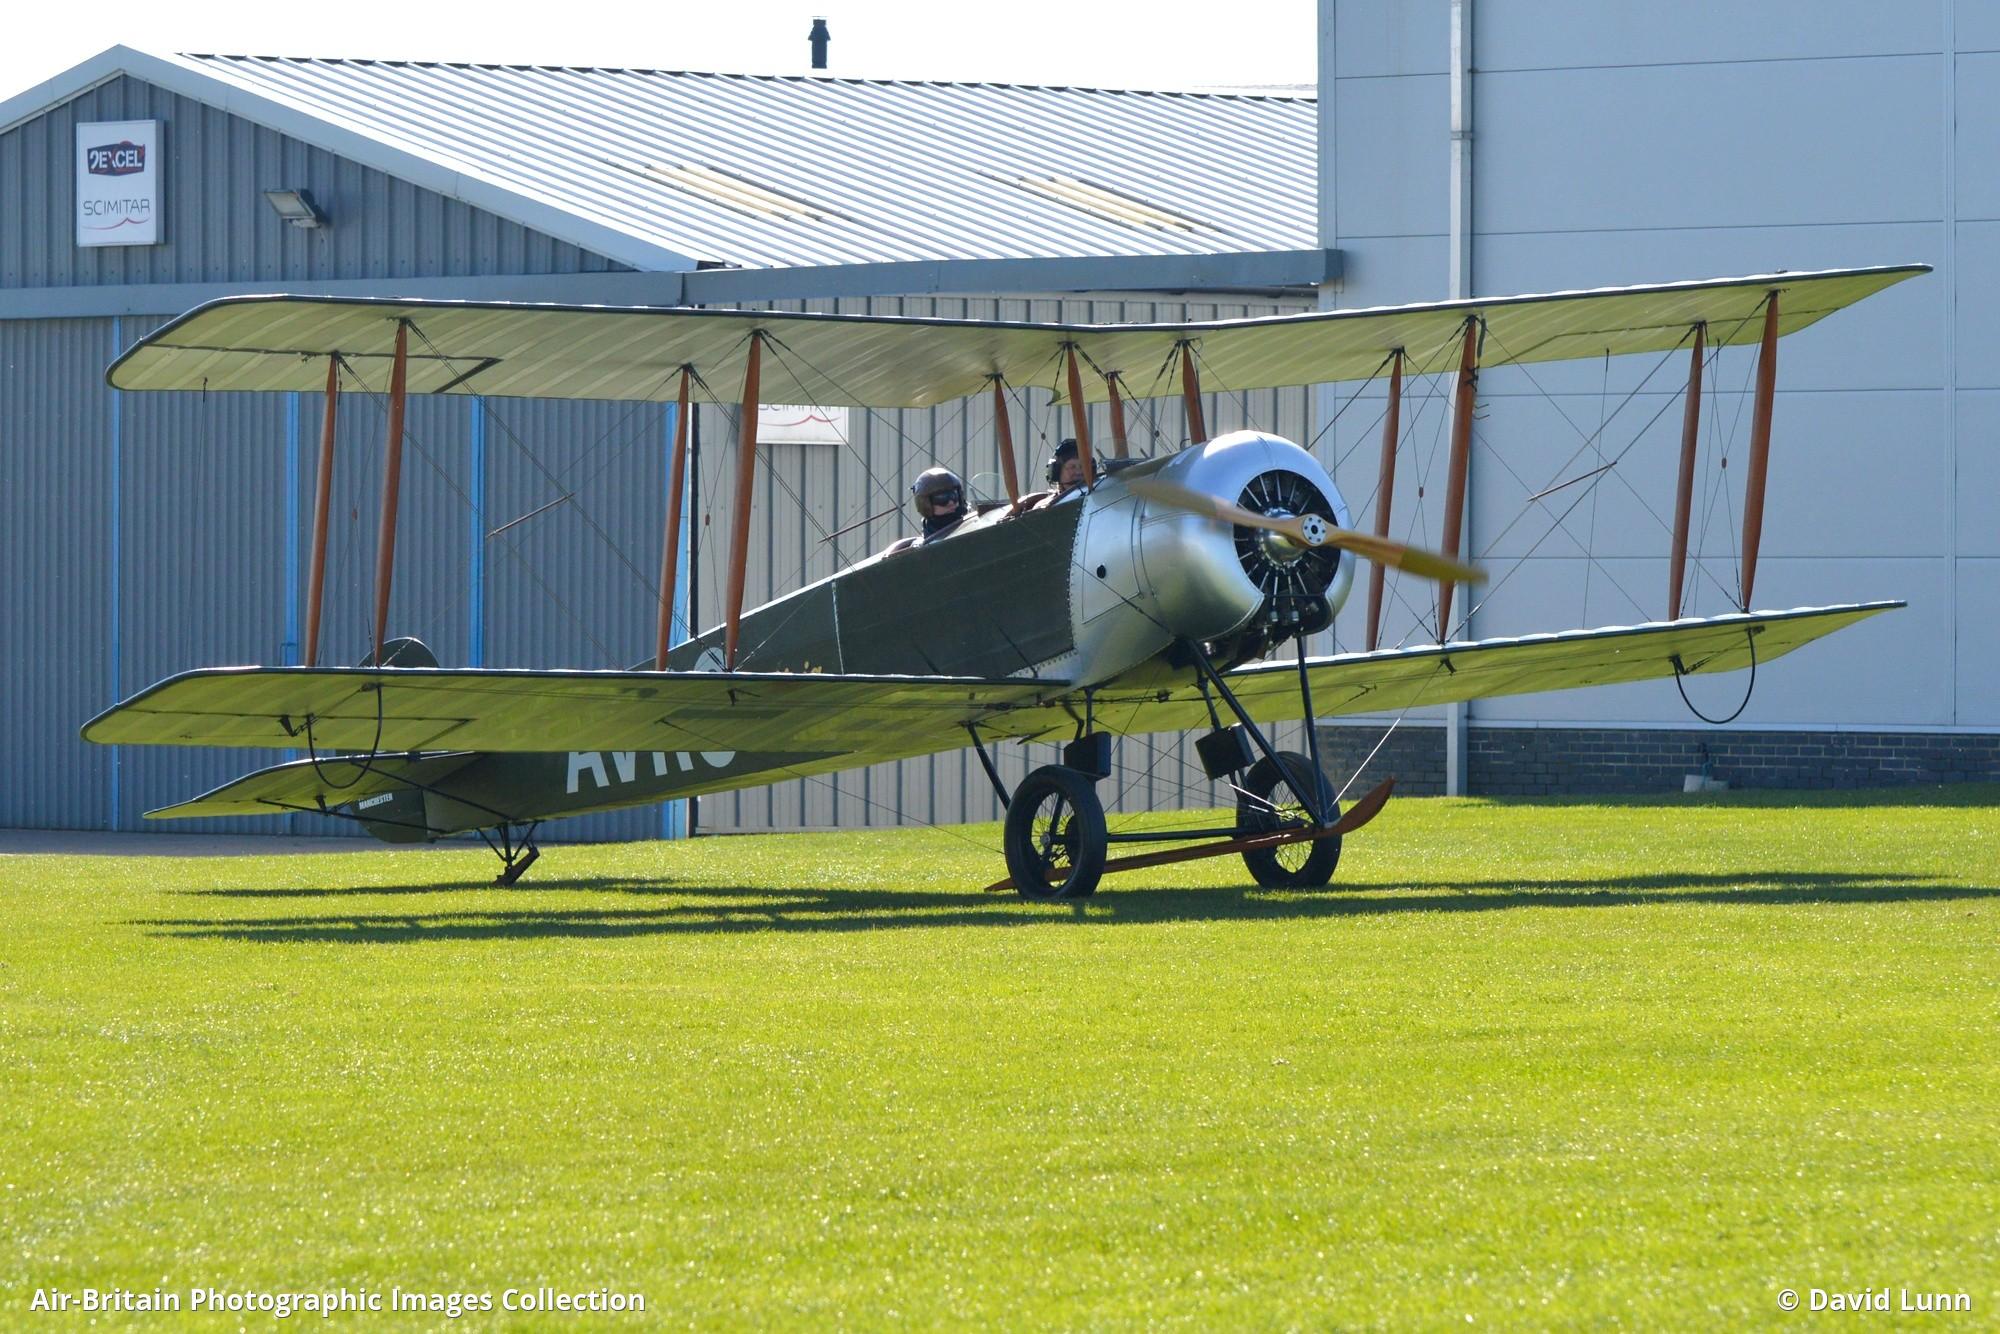 Aviation photographs of avro 504k replica abpic for Replica mobel england